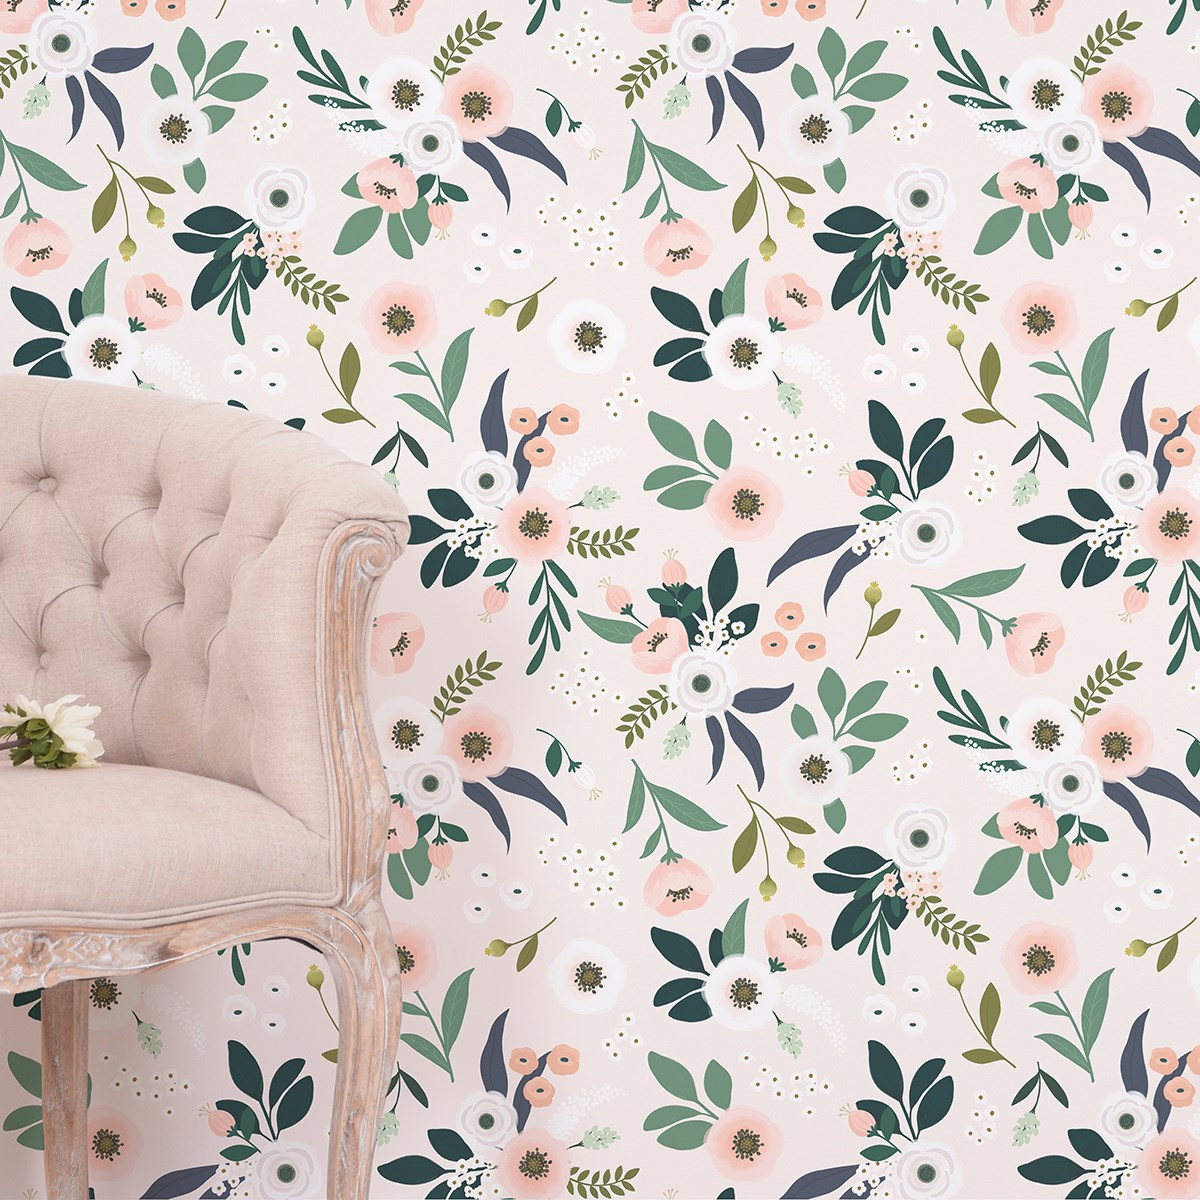 Papier peint floral en Papier Rose pâle